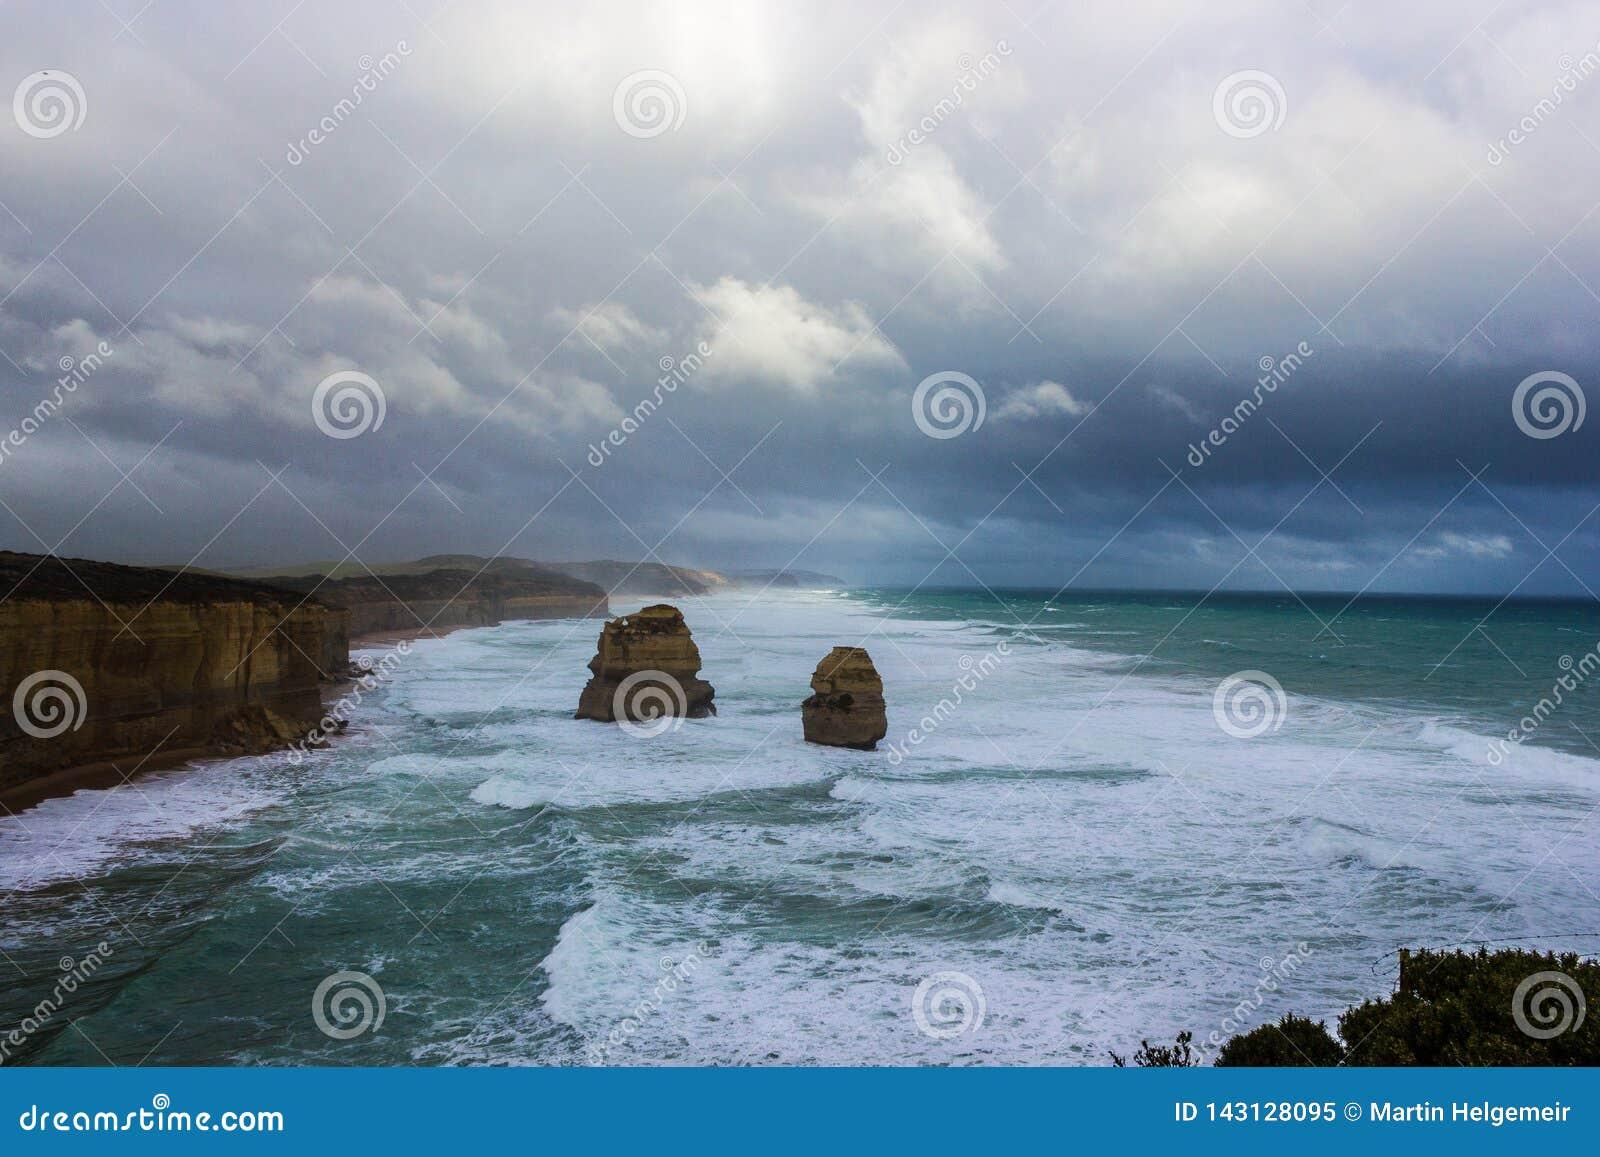 Beroemde 2 van 12 Apostel, Victoria, de Twaalf Apostelen, Grote Oceaanweg, Victoria